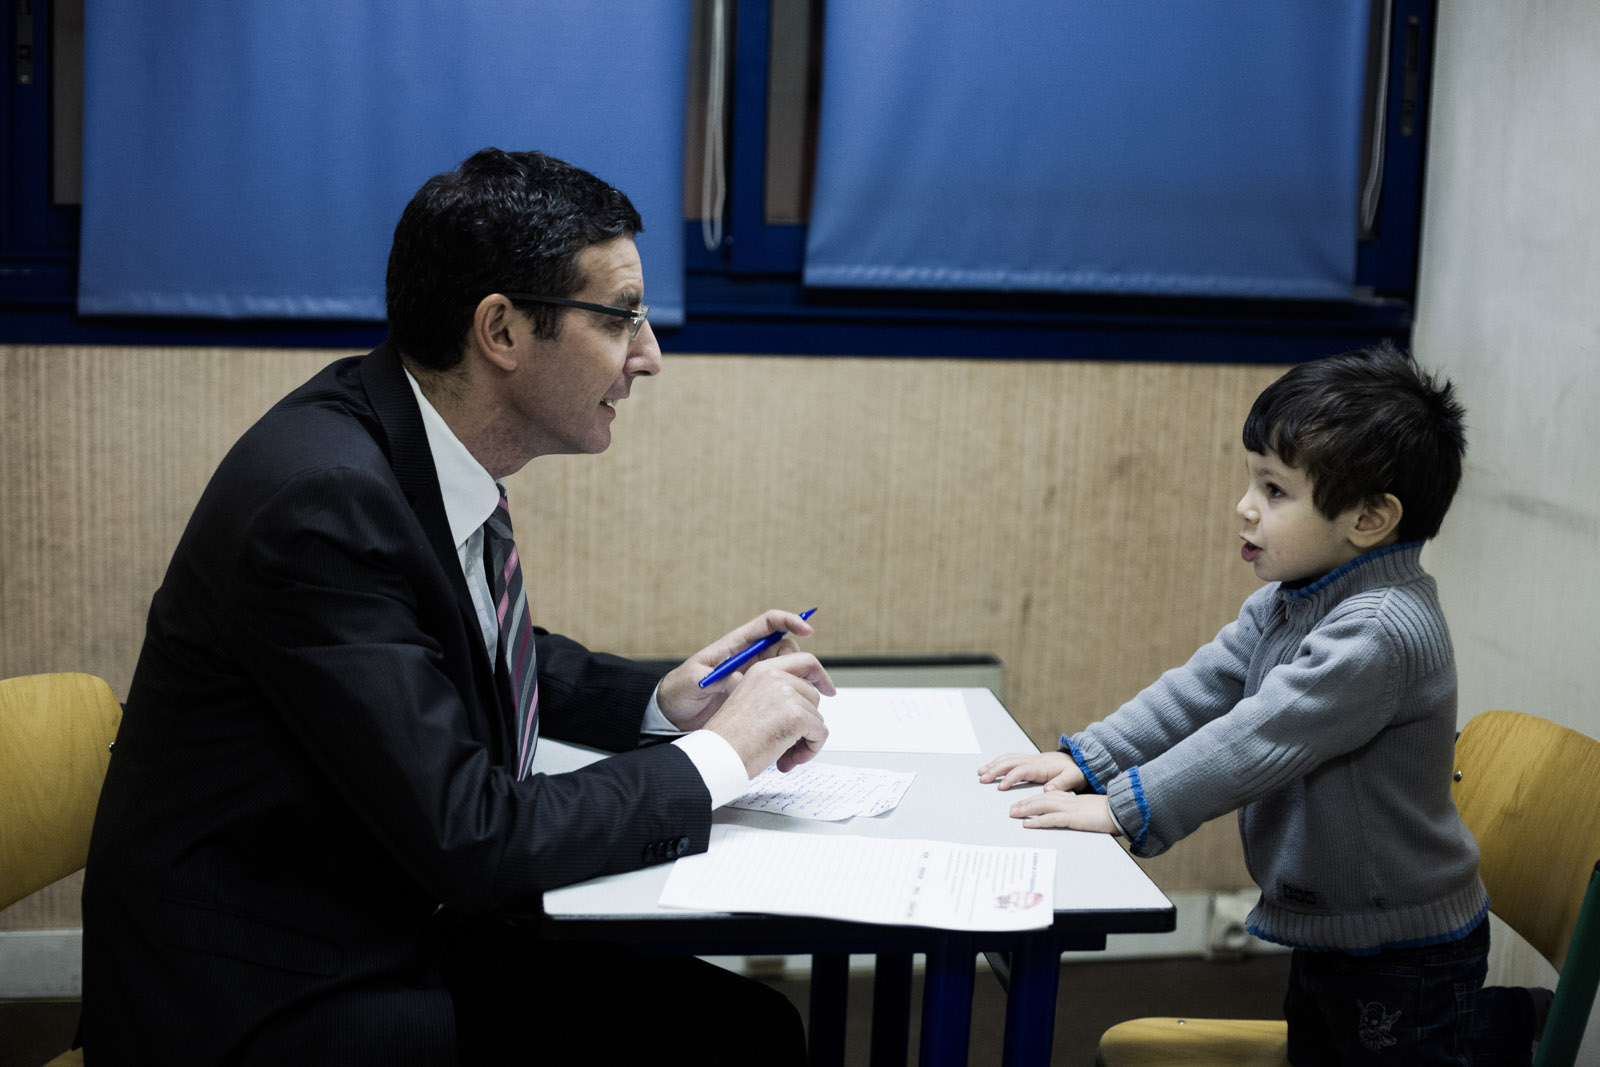 Inauguration du QG de campagne de Seïd Ferrat, candidat d'une liste citoyenne à Sevran, le 24 janvier 2014